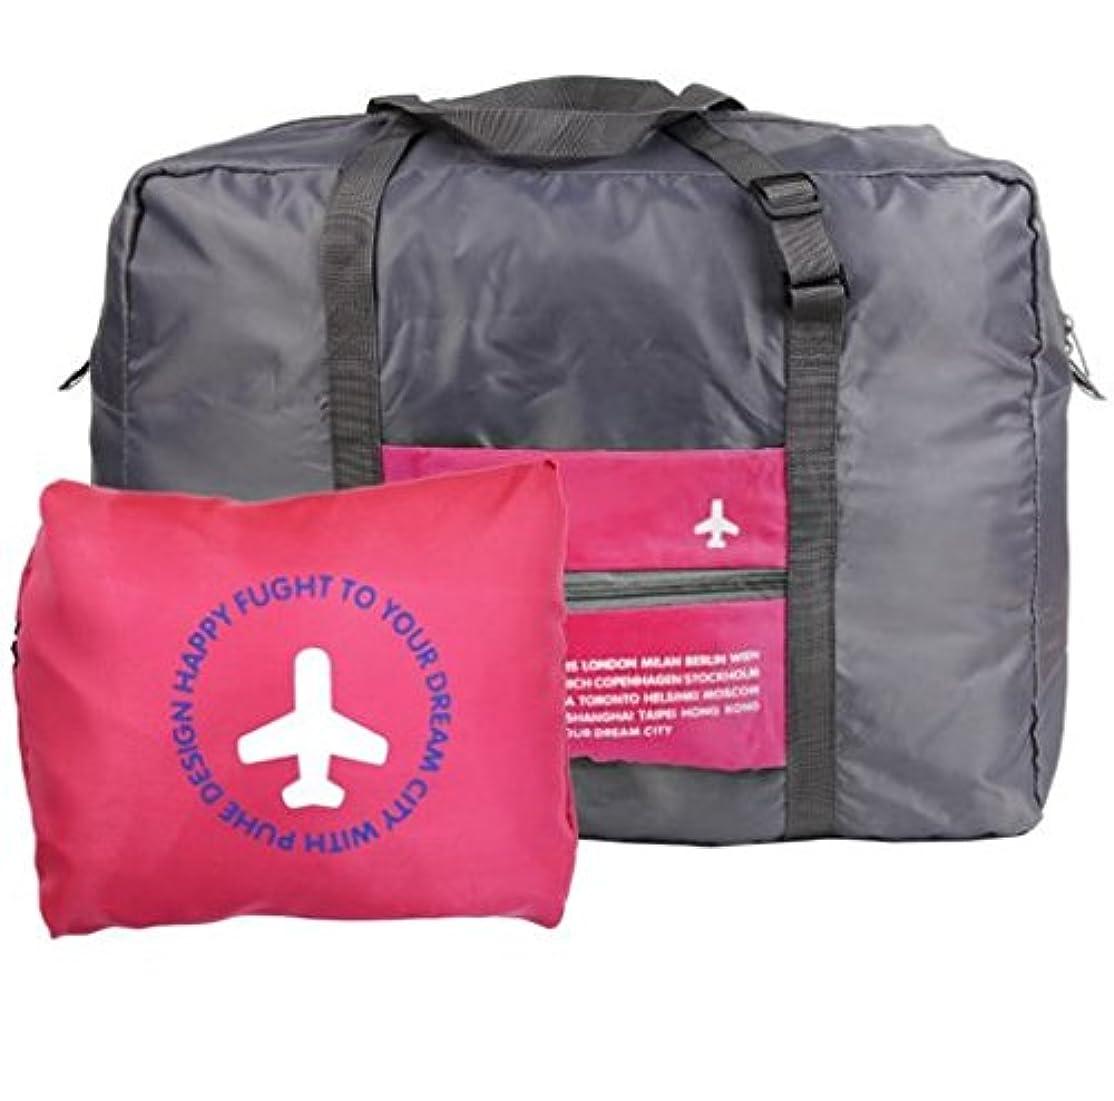 アブストラクトクラシカルシーサイドKeepjoy 旅行バッグ キャリーバッグ 折りたたみバッグ 空の旅を快適に スーツケースに通せる 機内 持ち込み 用 (46*34.5*20cm, レッド)